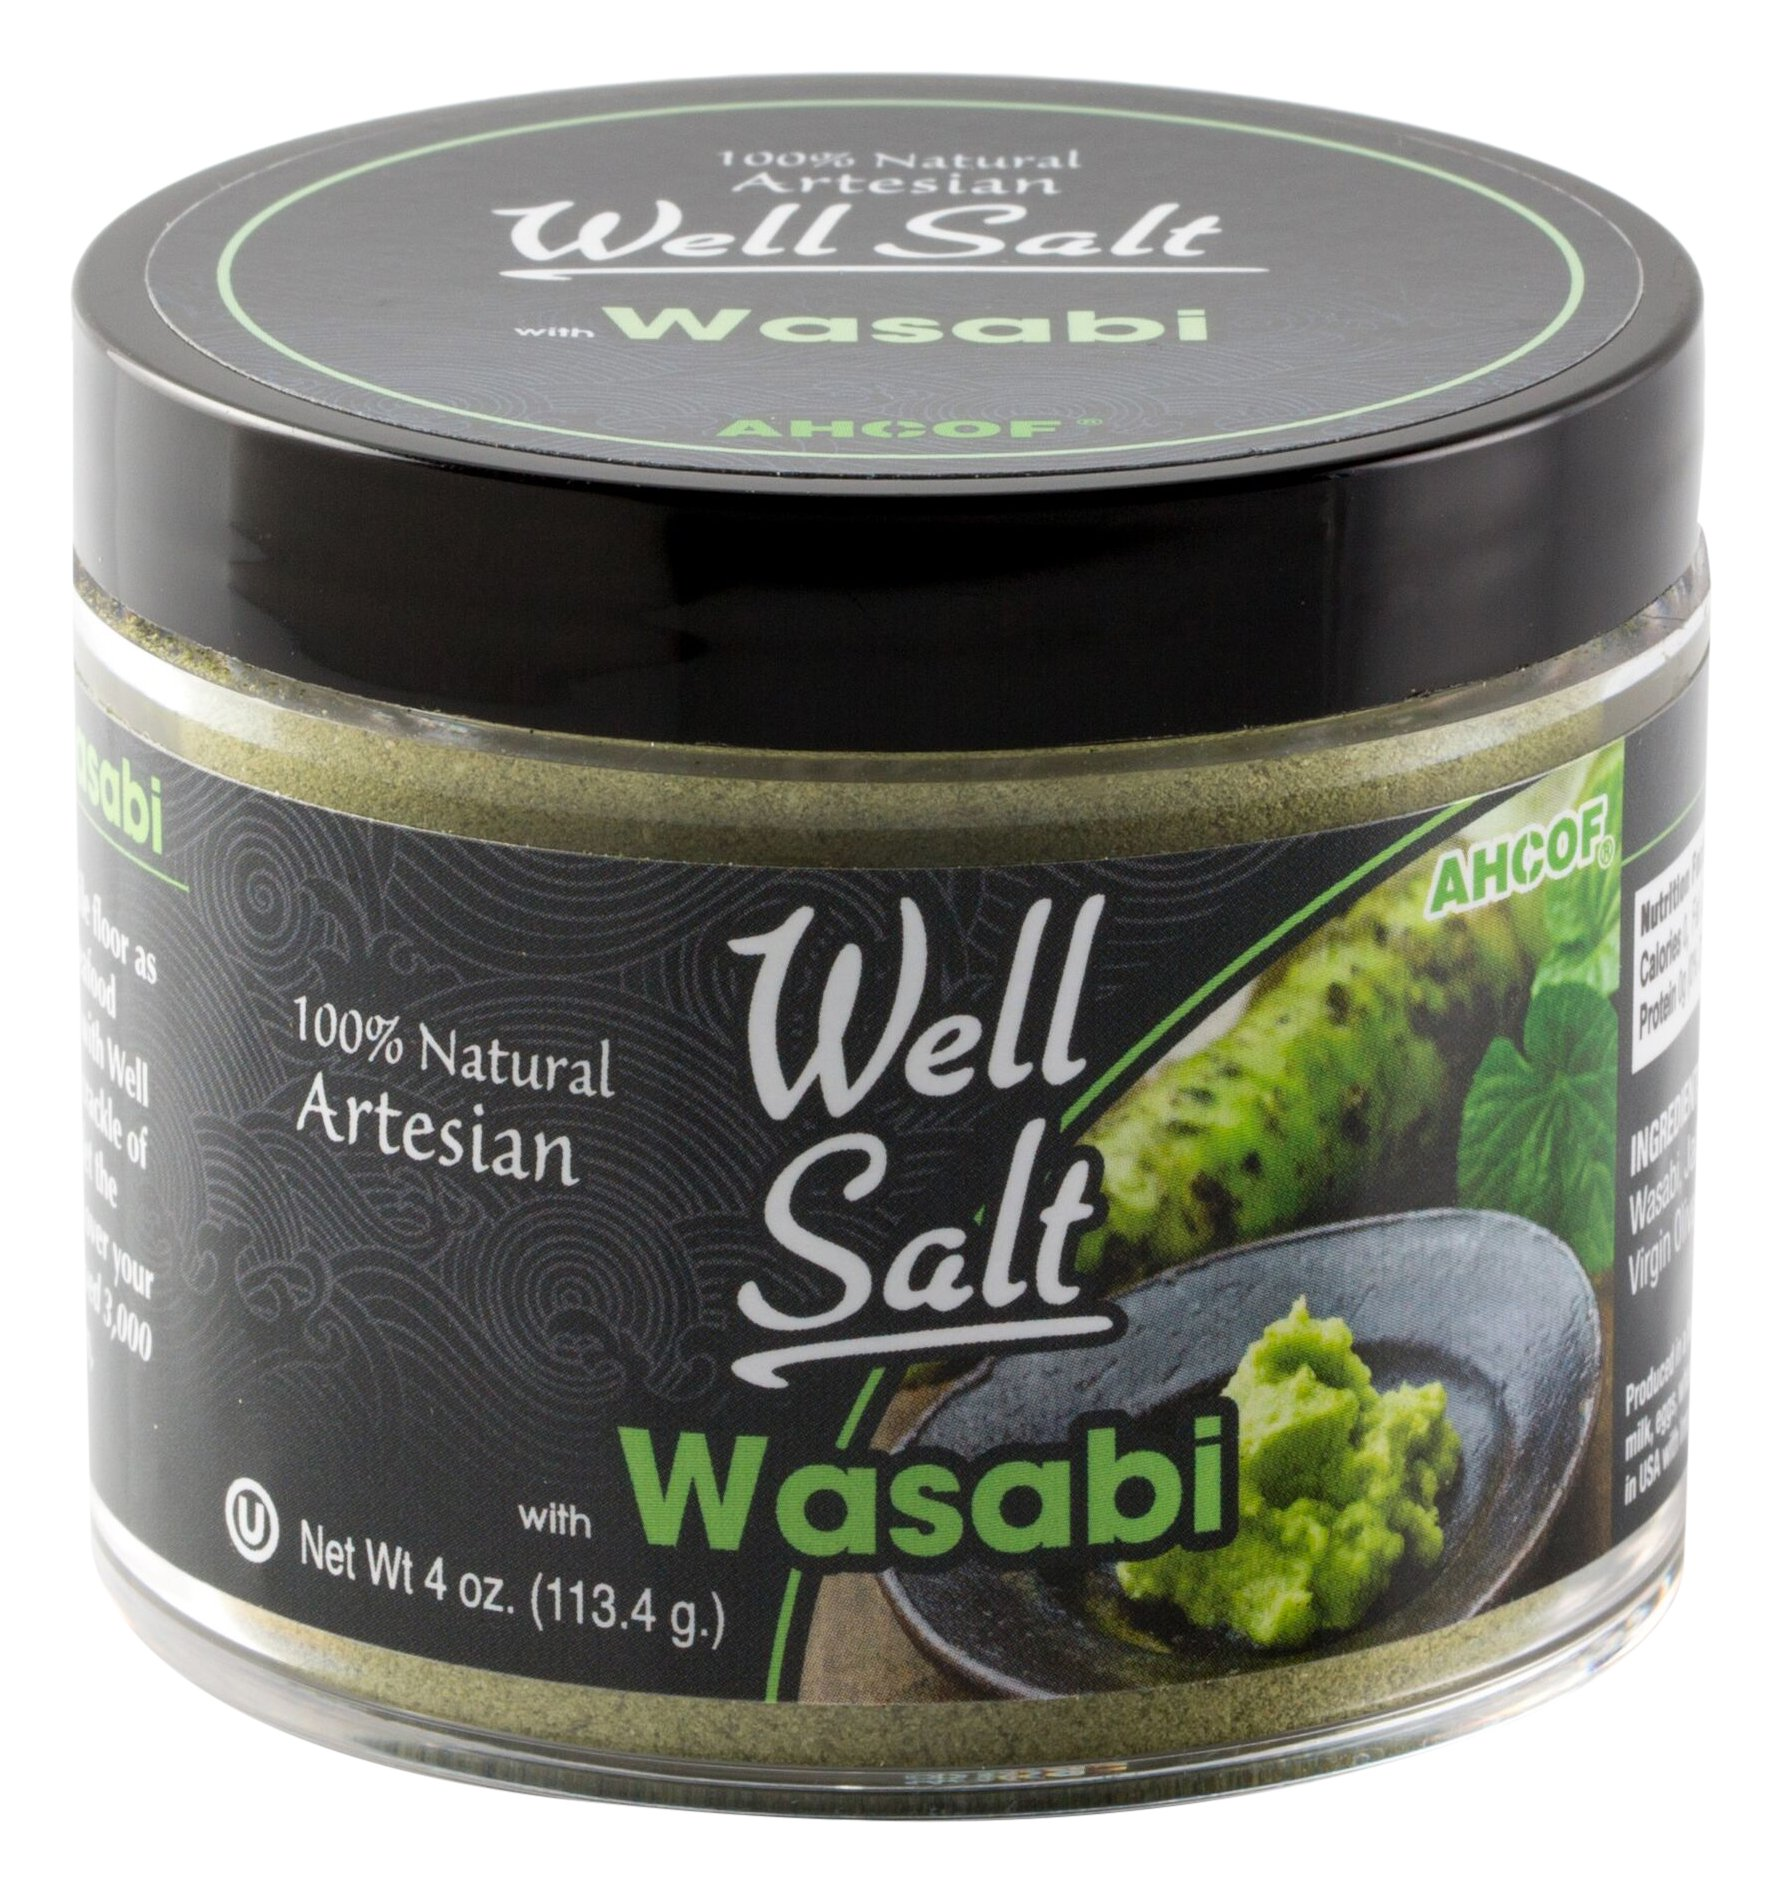 AHCO Foods 100% Natural Artesian Well Salt, Wasabi, 4 Ounce